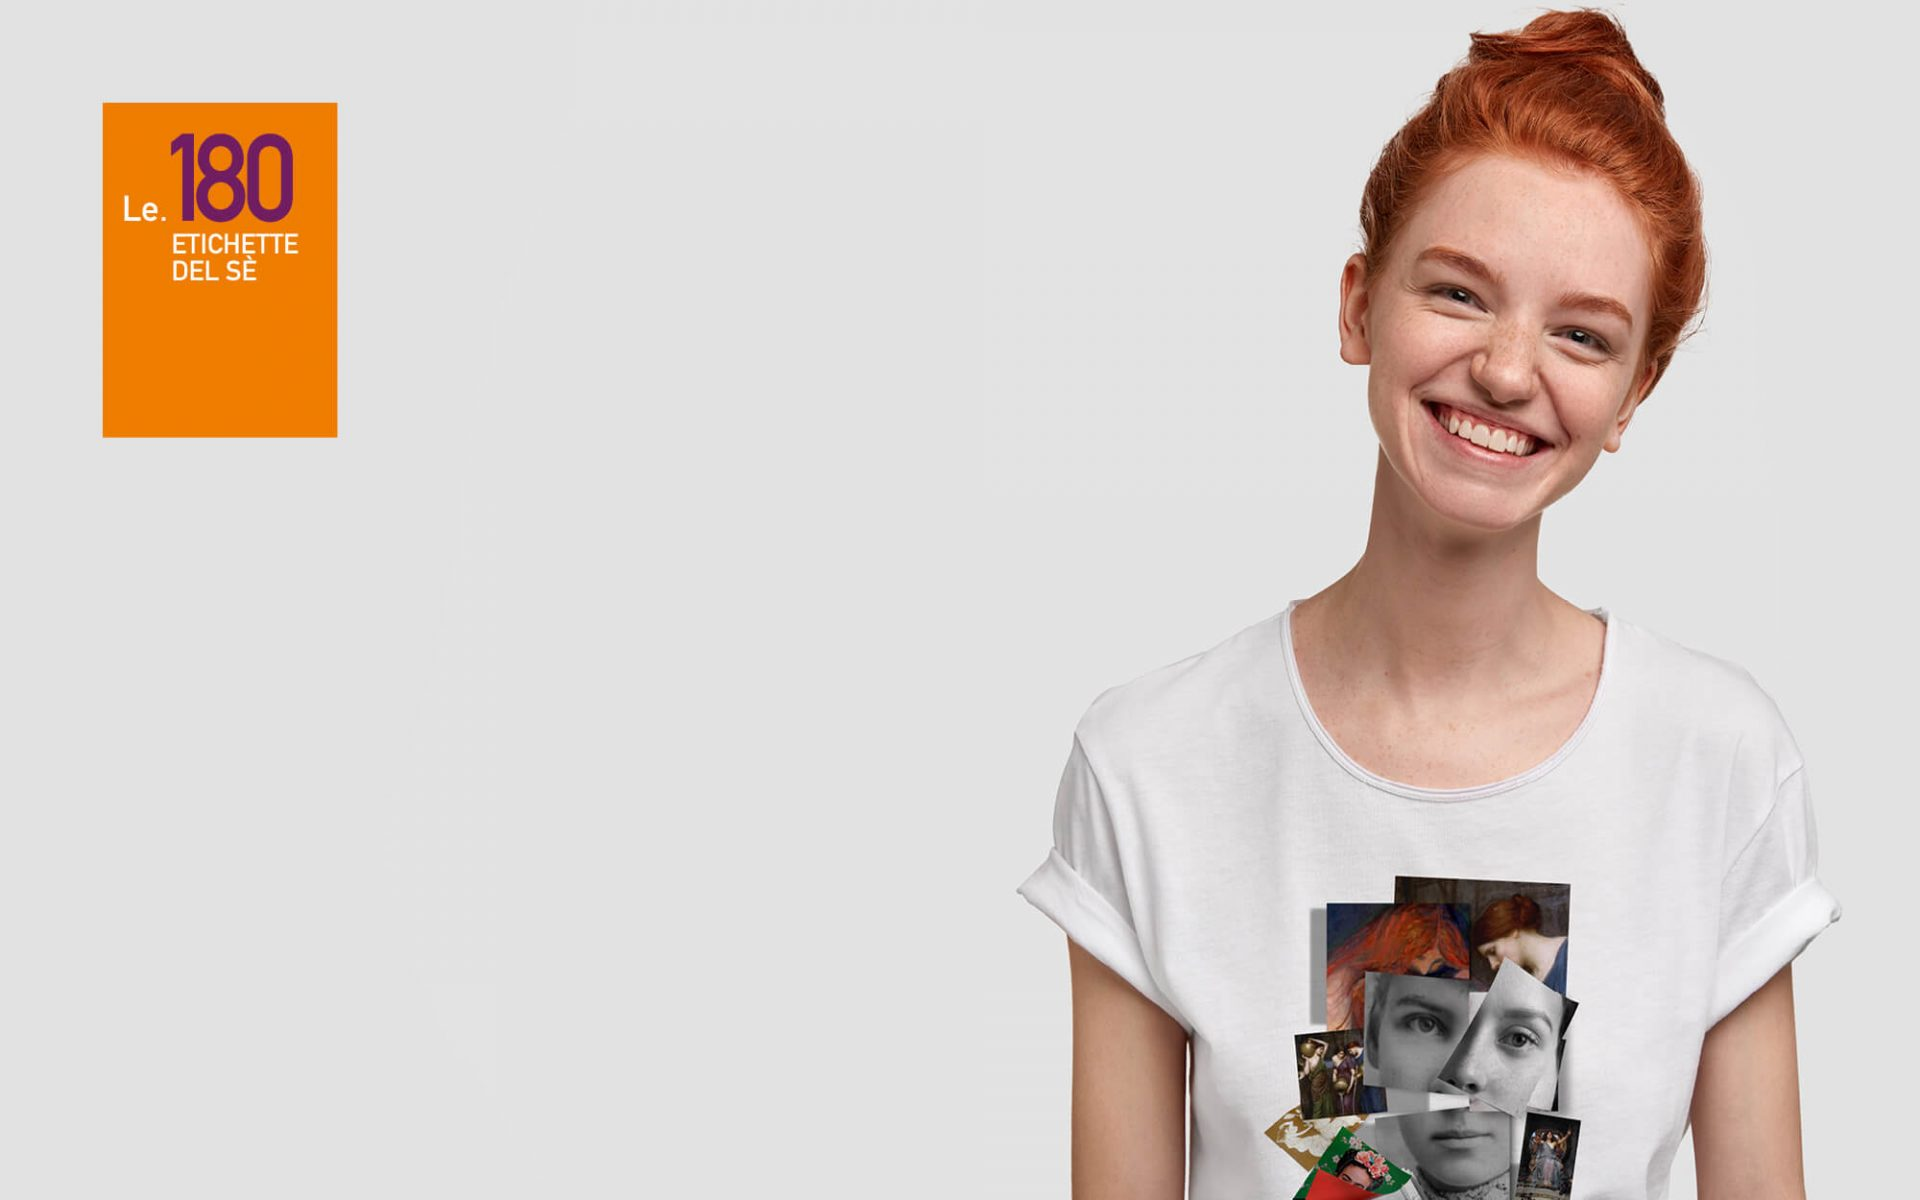 dettaglio t-shirt dell'evento Le 180 etichette del se. branding e immagine coordinata dallo studio grafico diadestudio Arco Tn